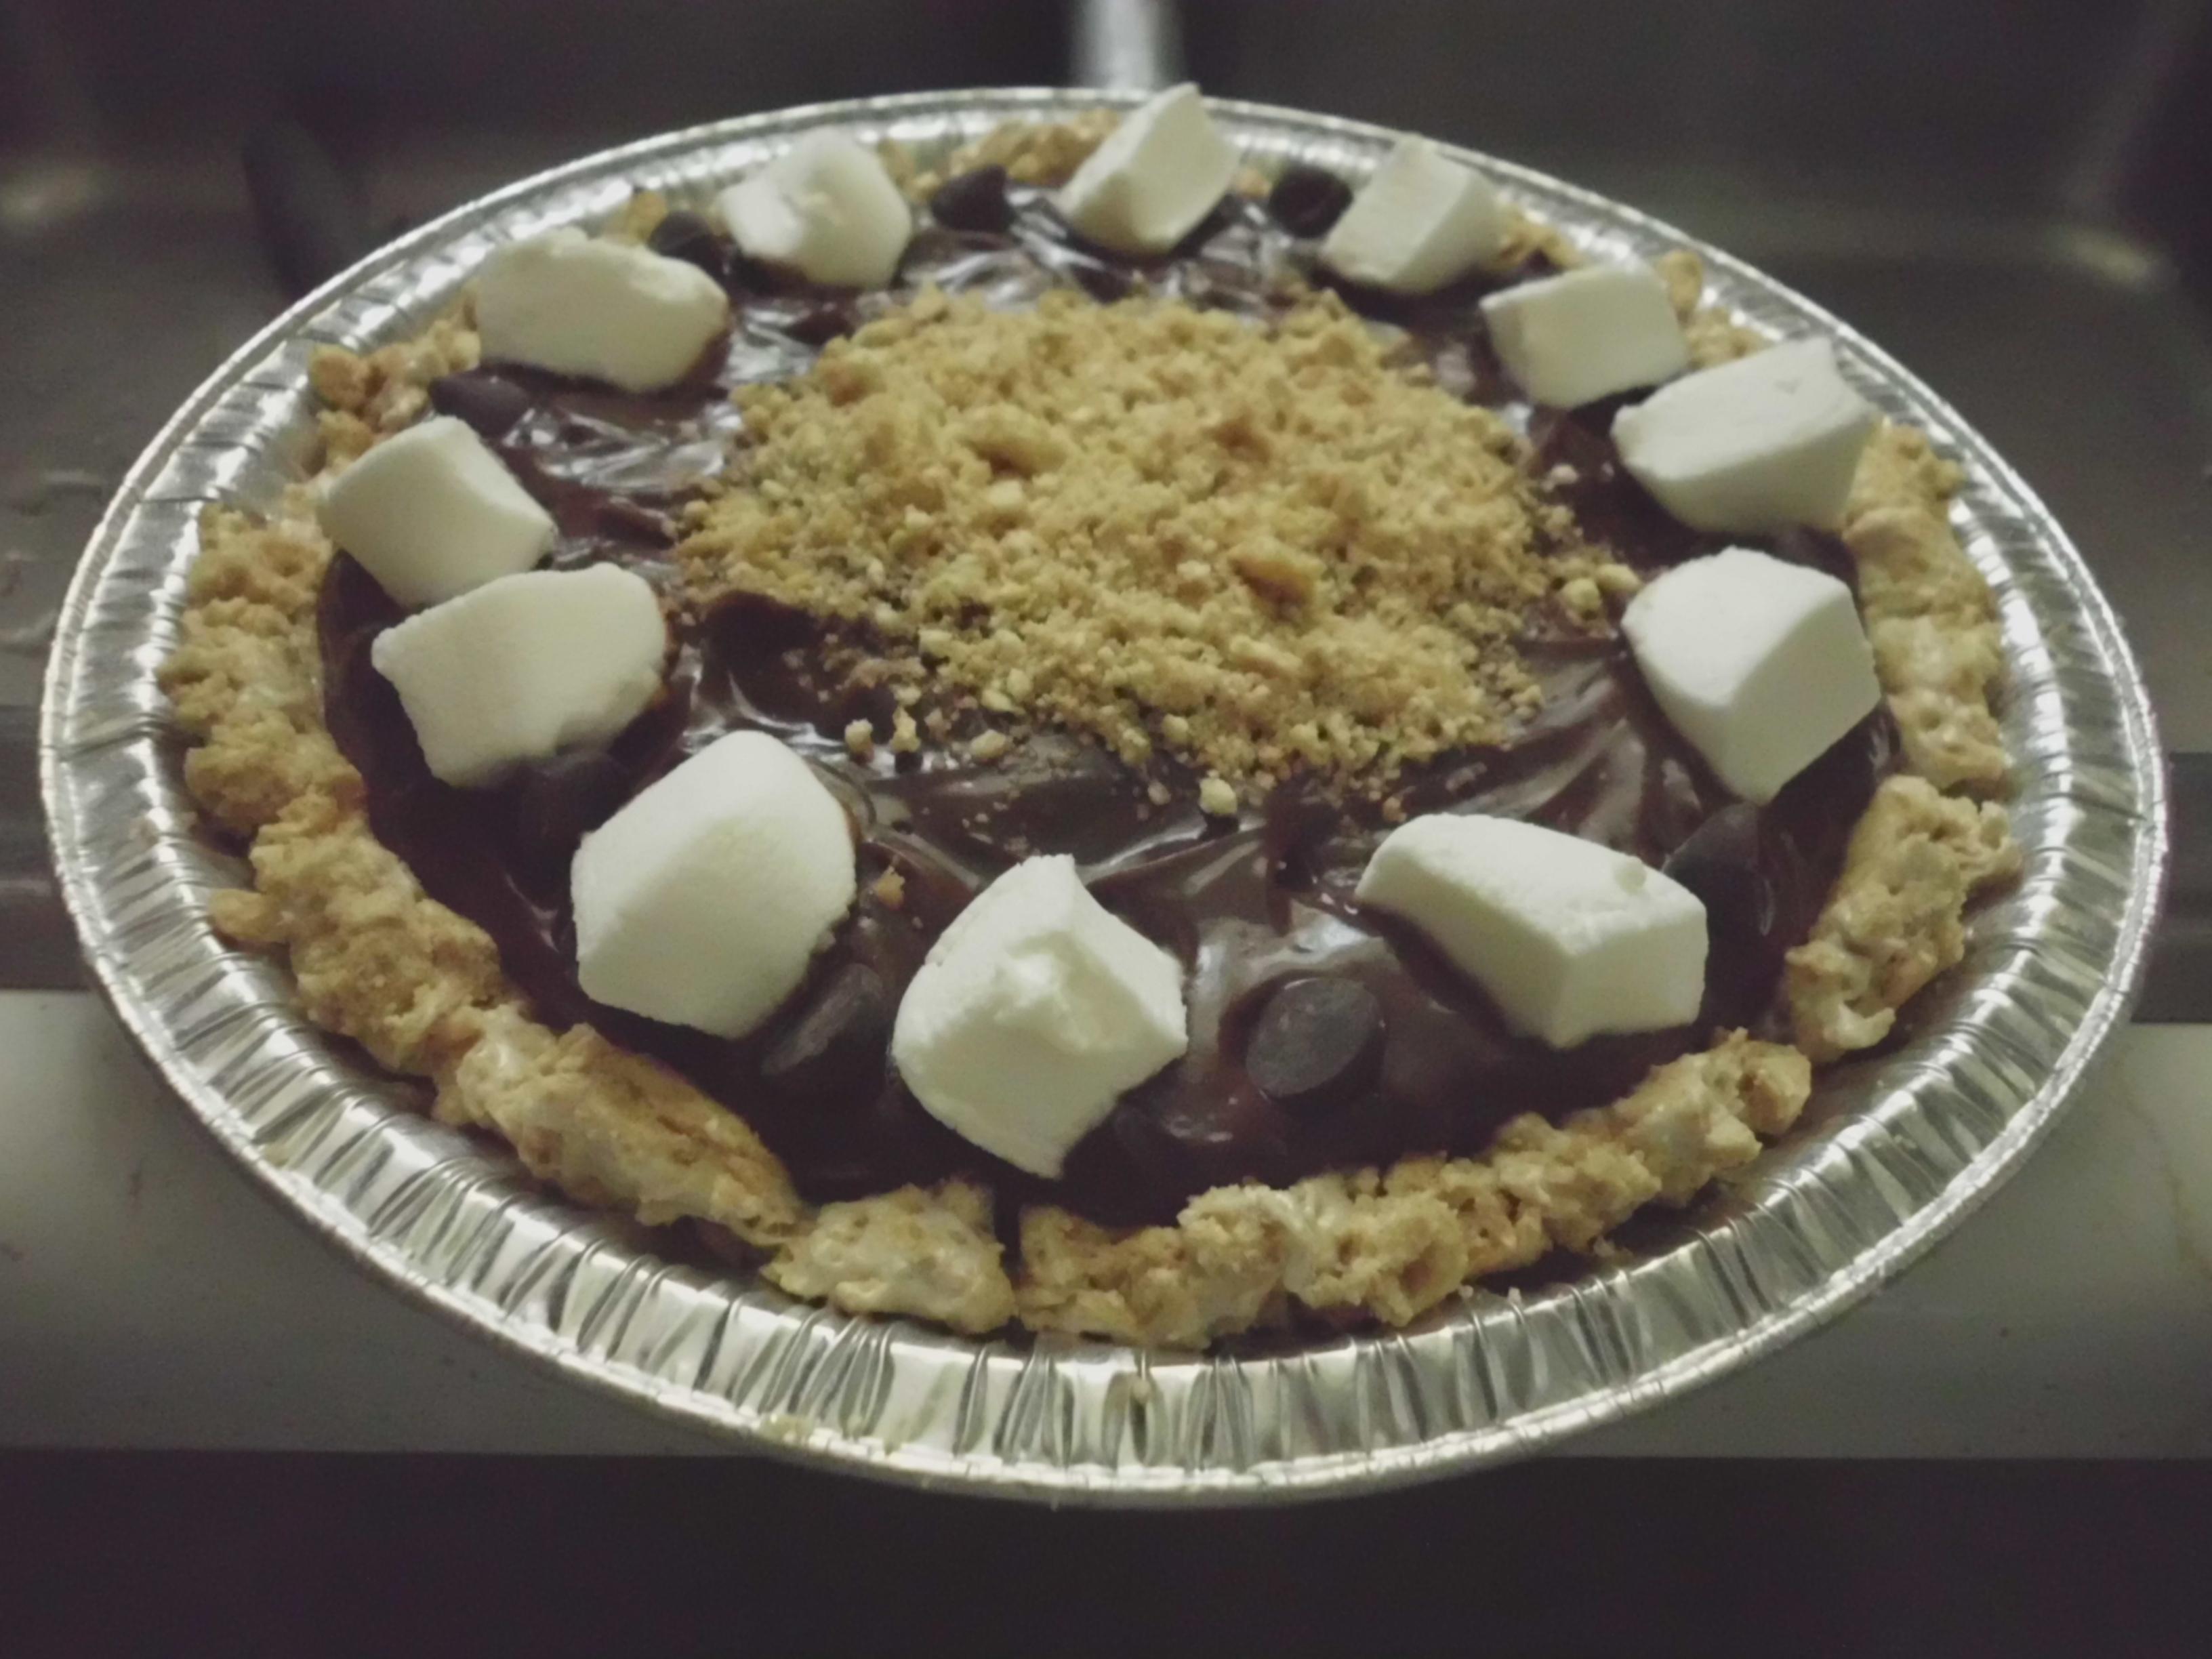 No Bake S'more Pie